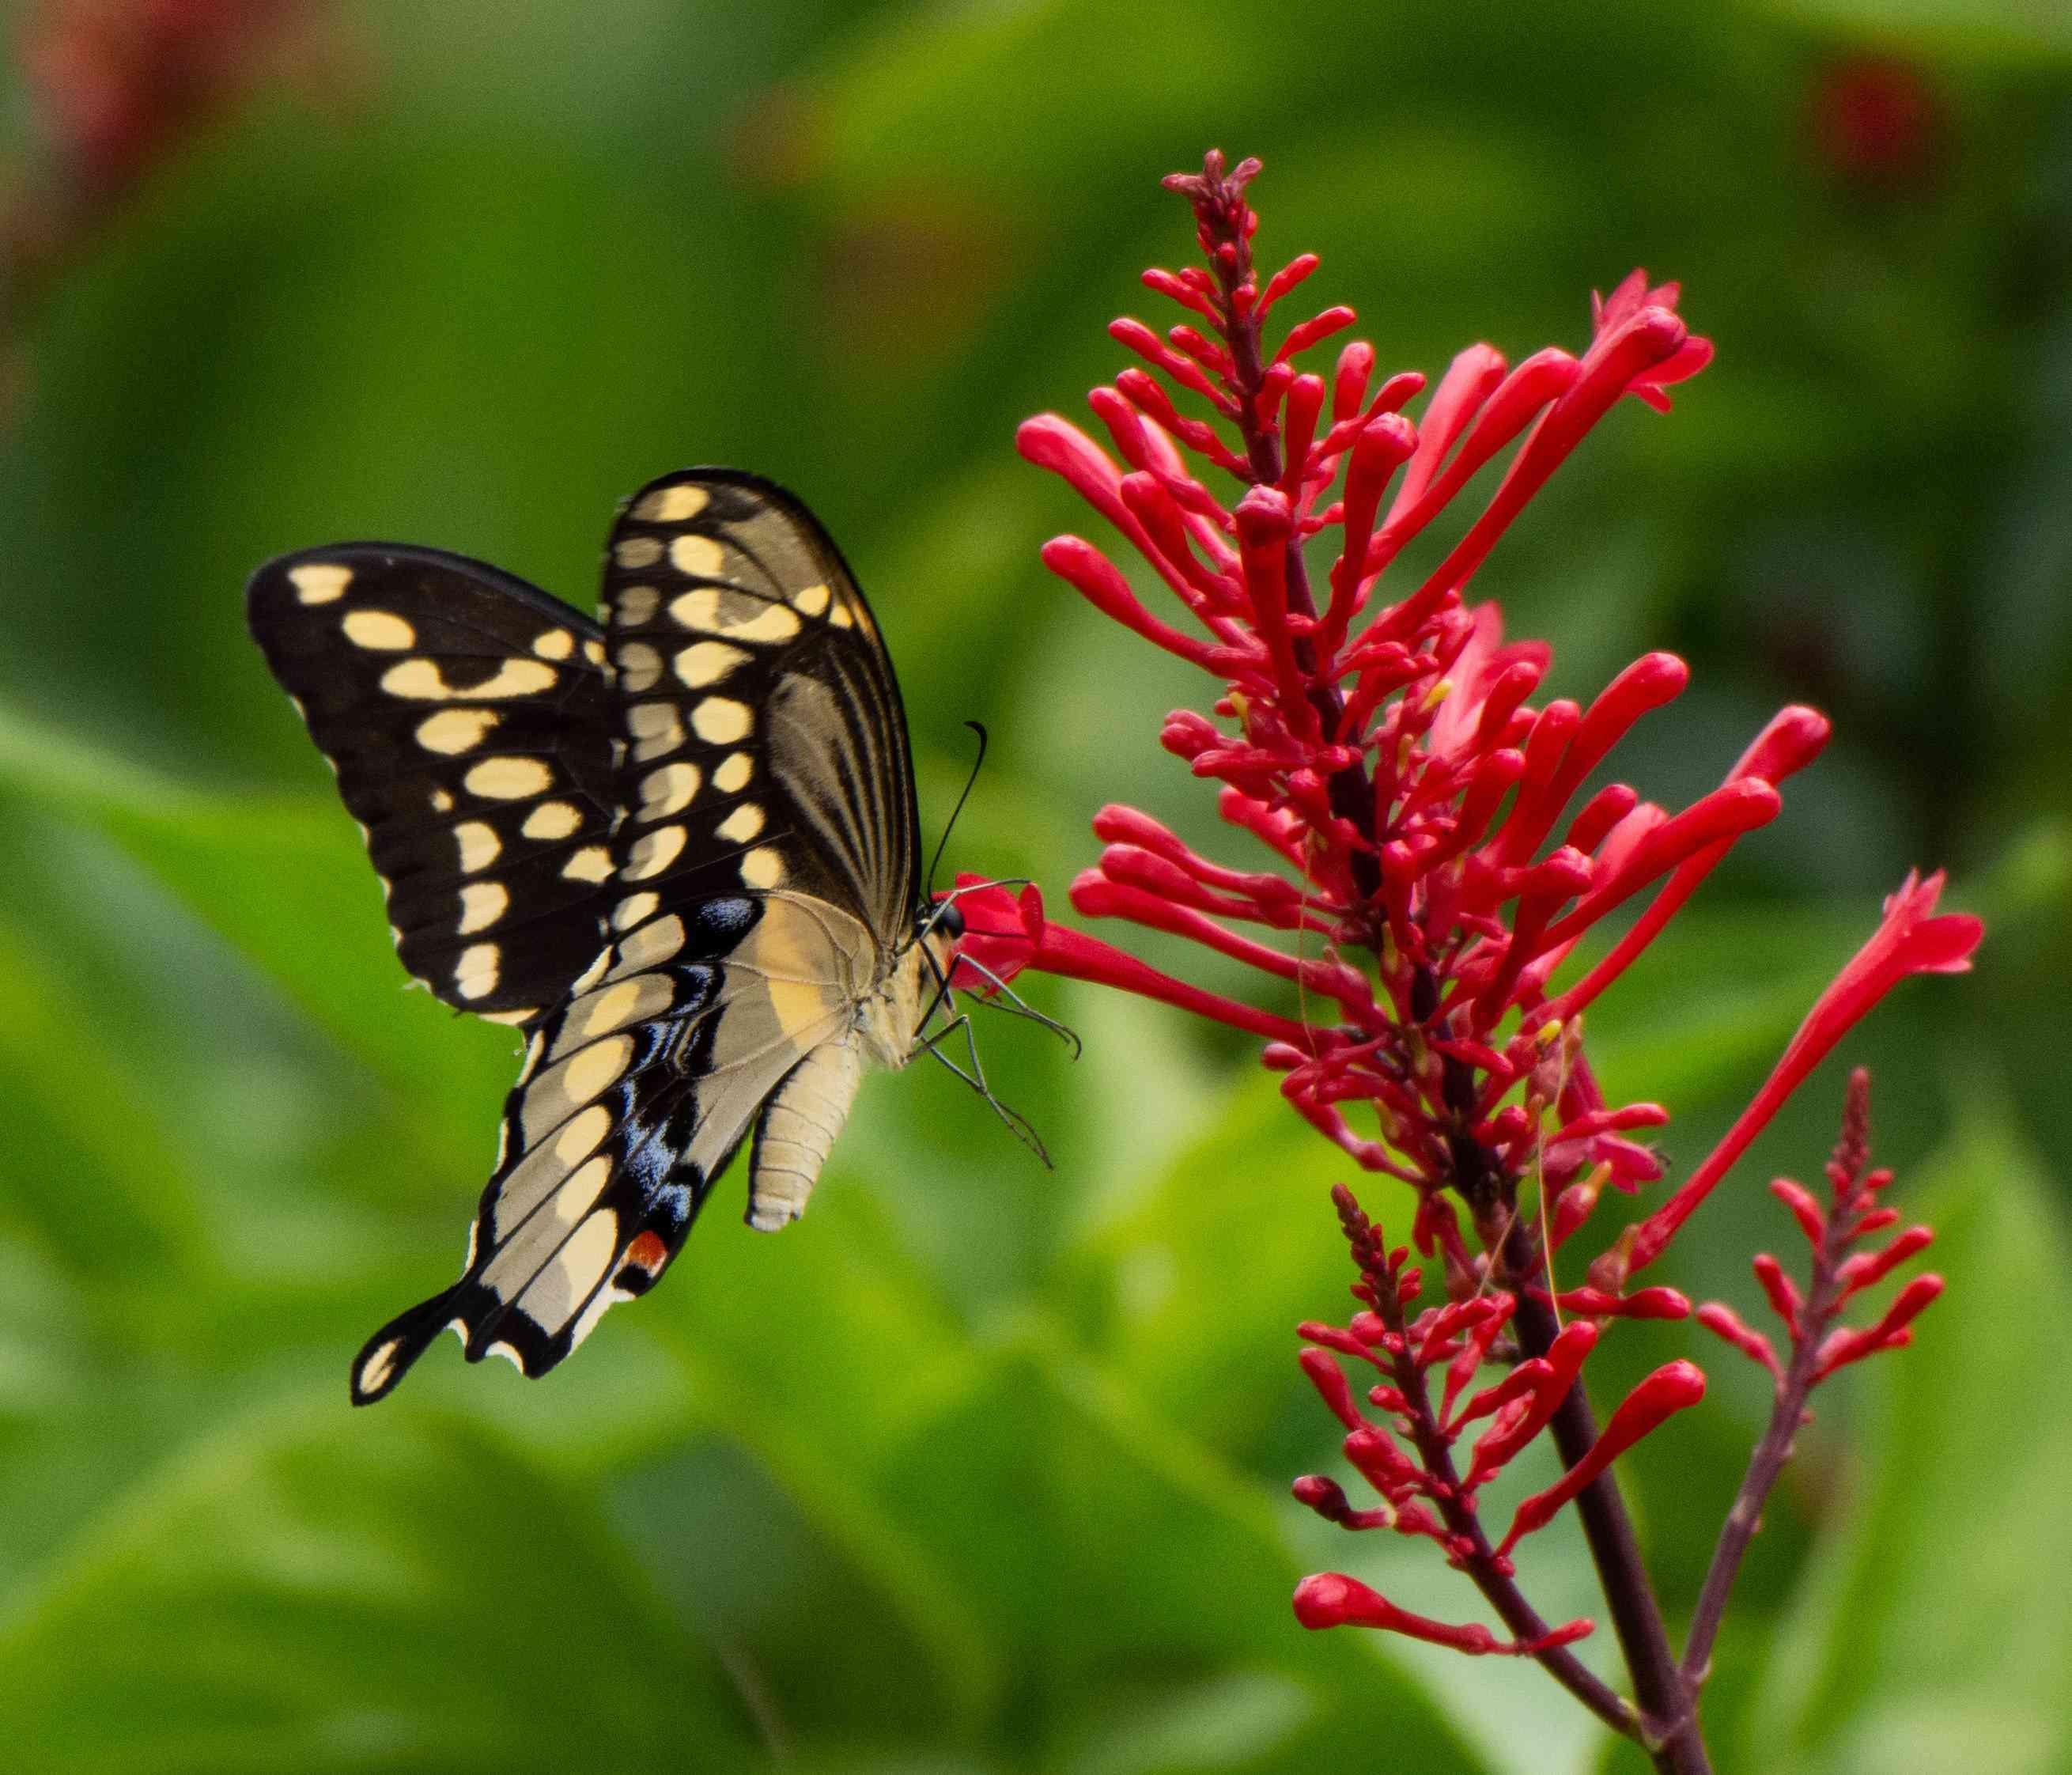 Firespike flower attracts butterflies